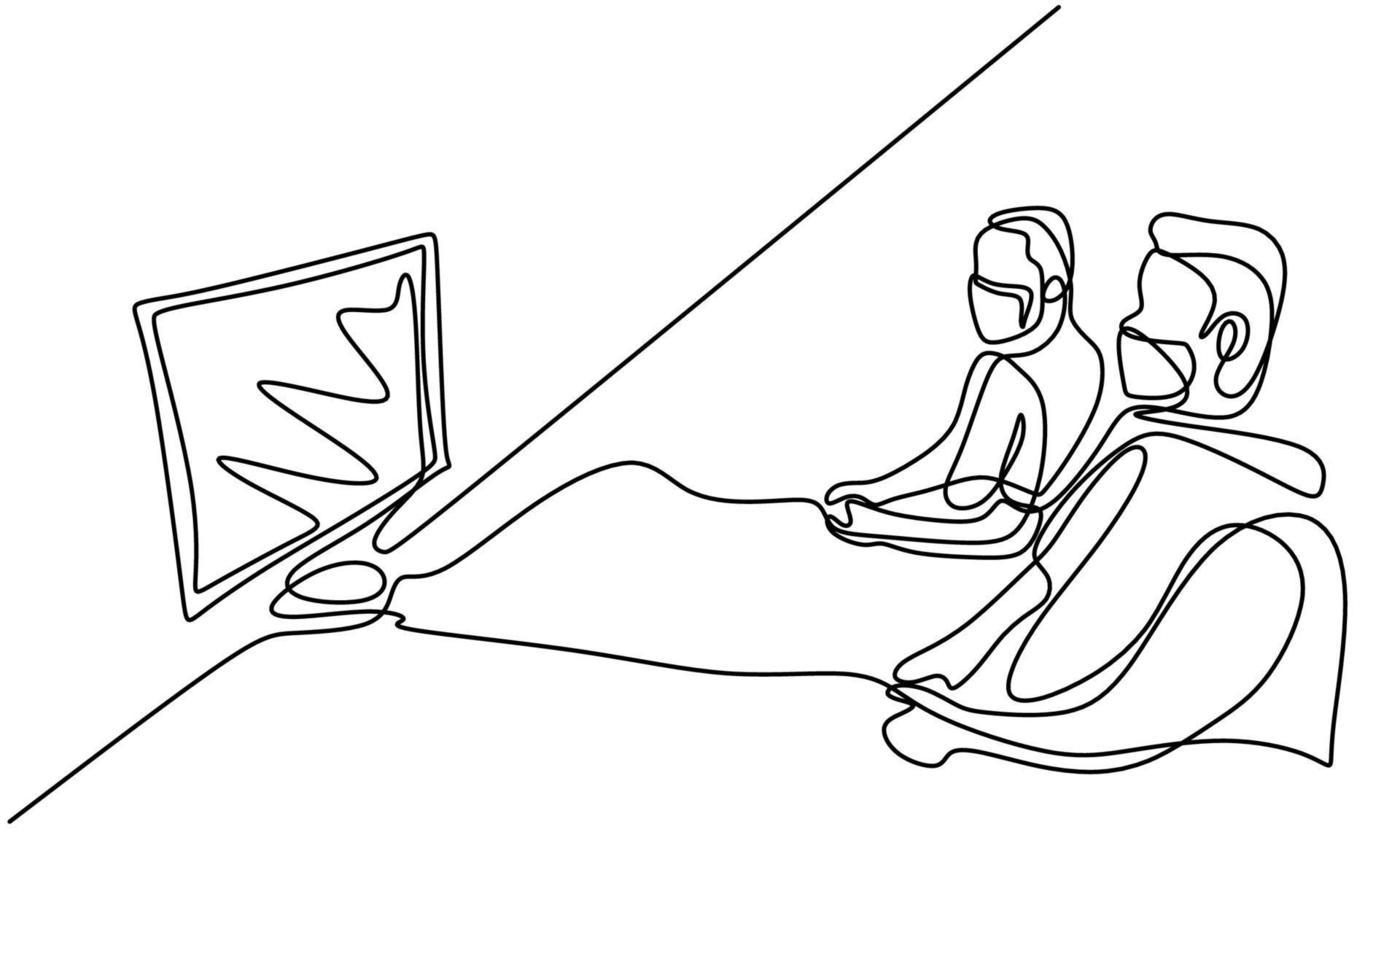 desenho de linha contínua de jogadores com máscara protetora. vetor